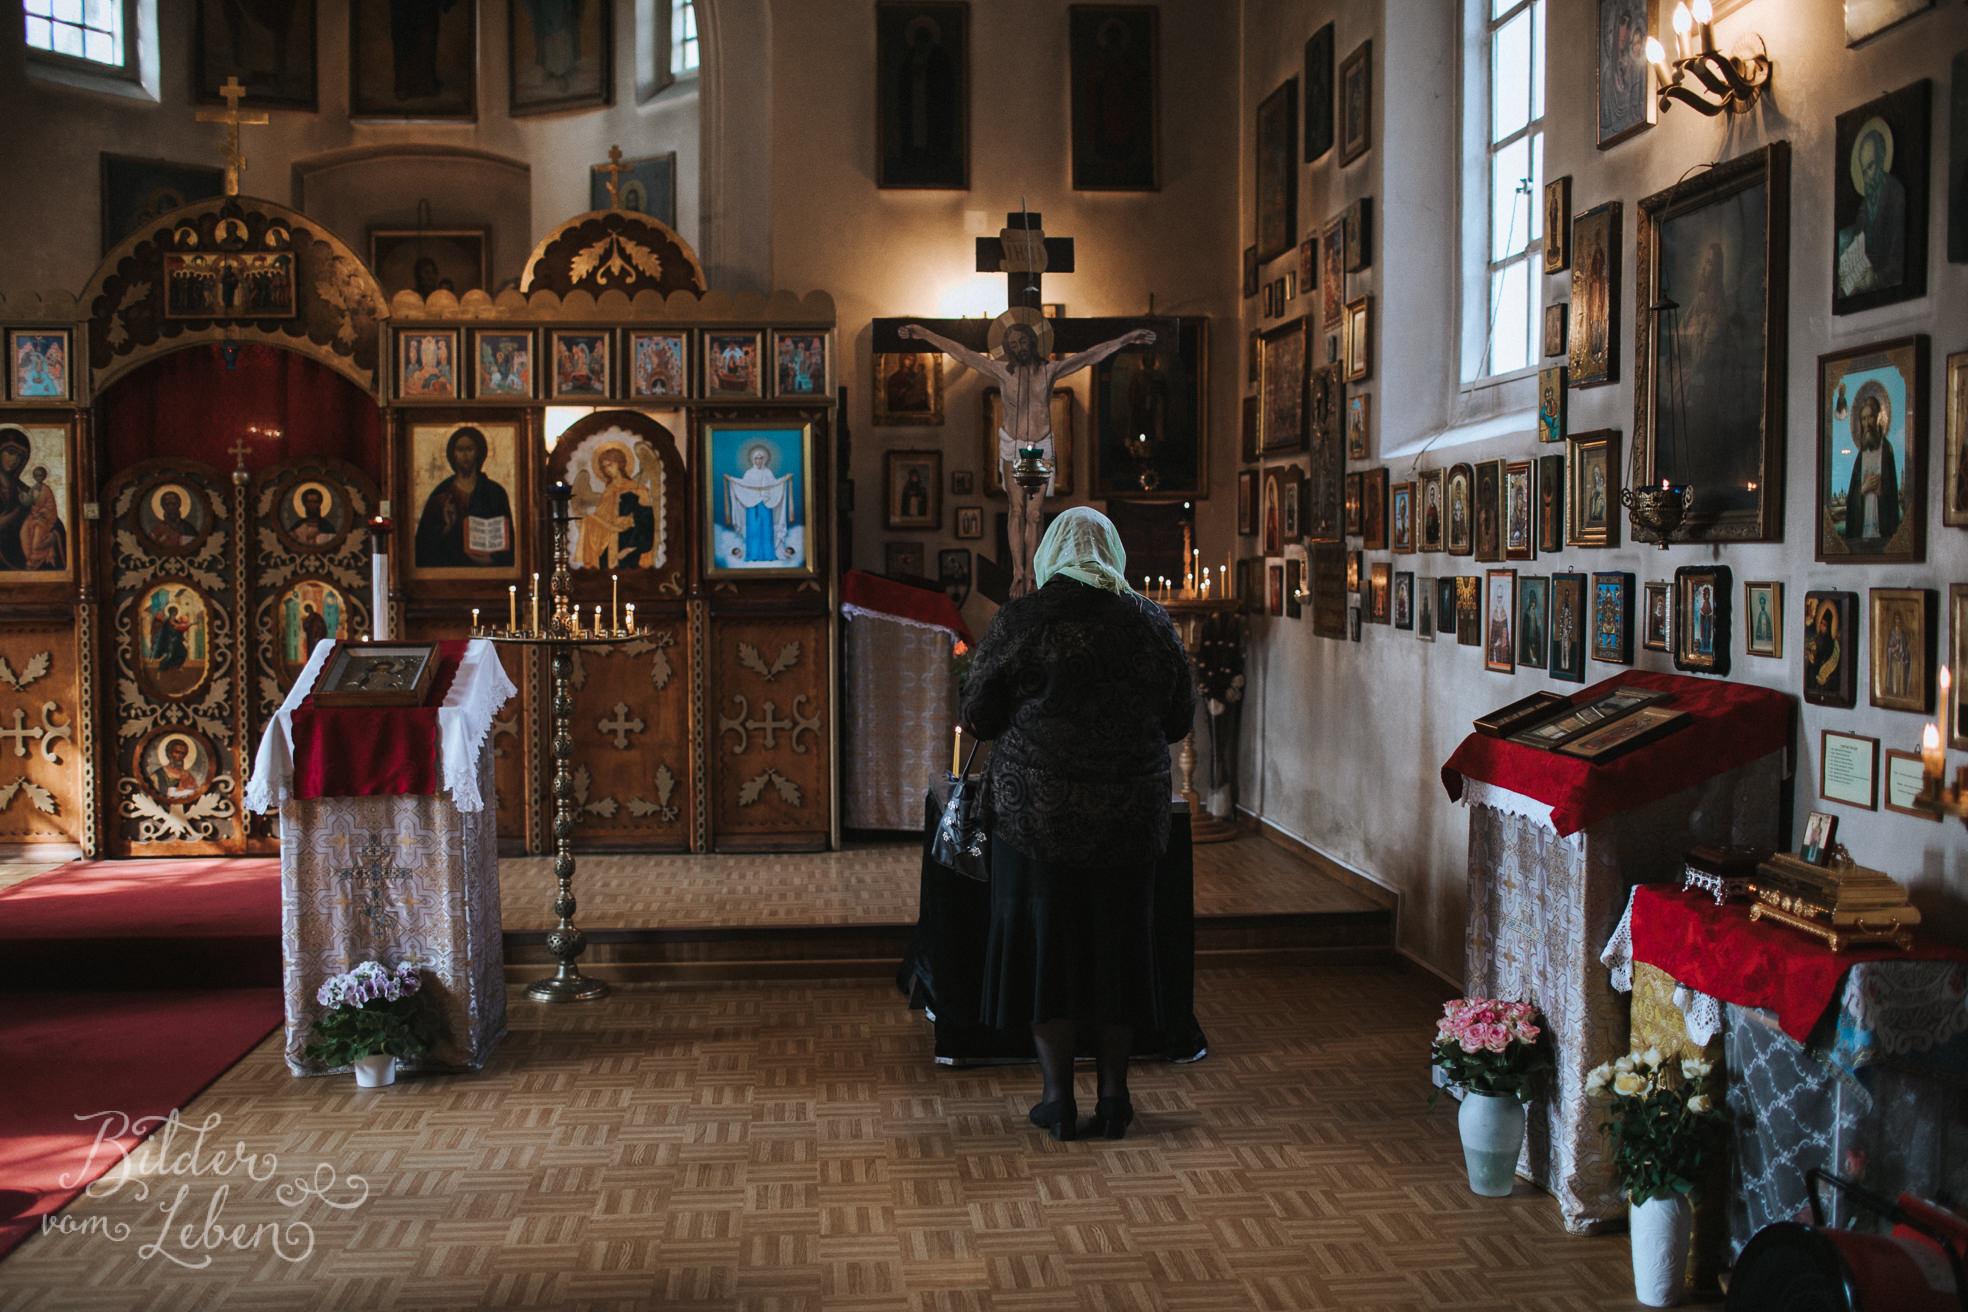 32-Russisch-orthodoxe-taufe-regensburg-mila-IM3C4889